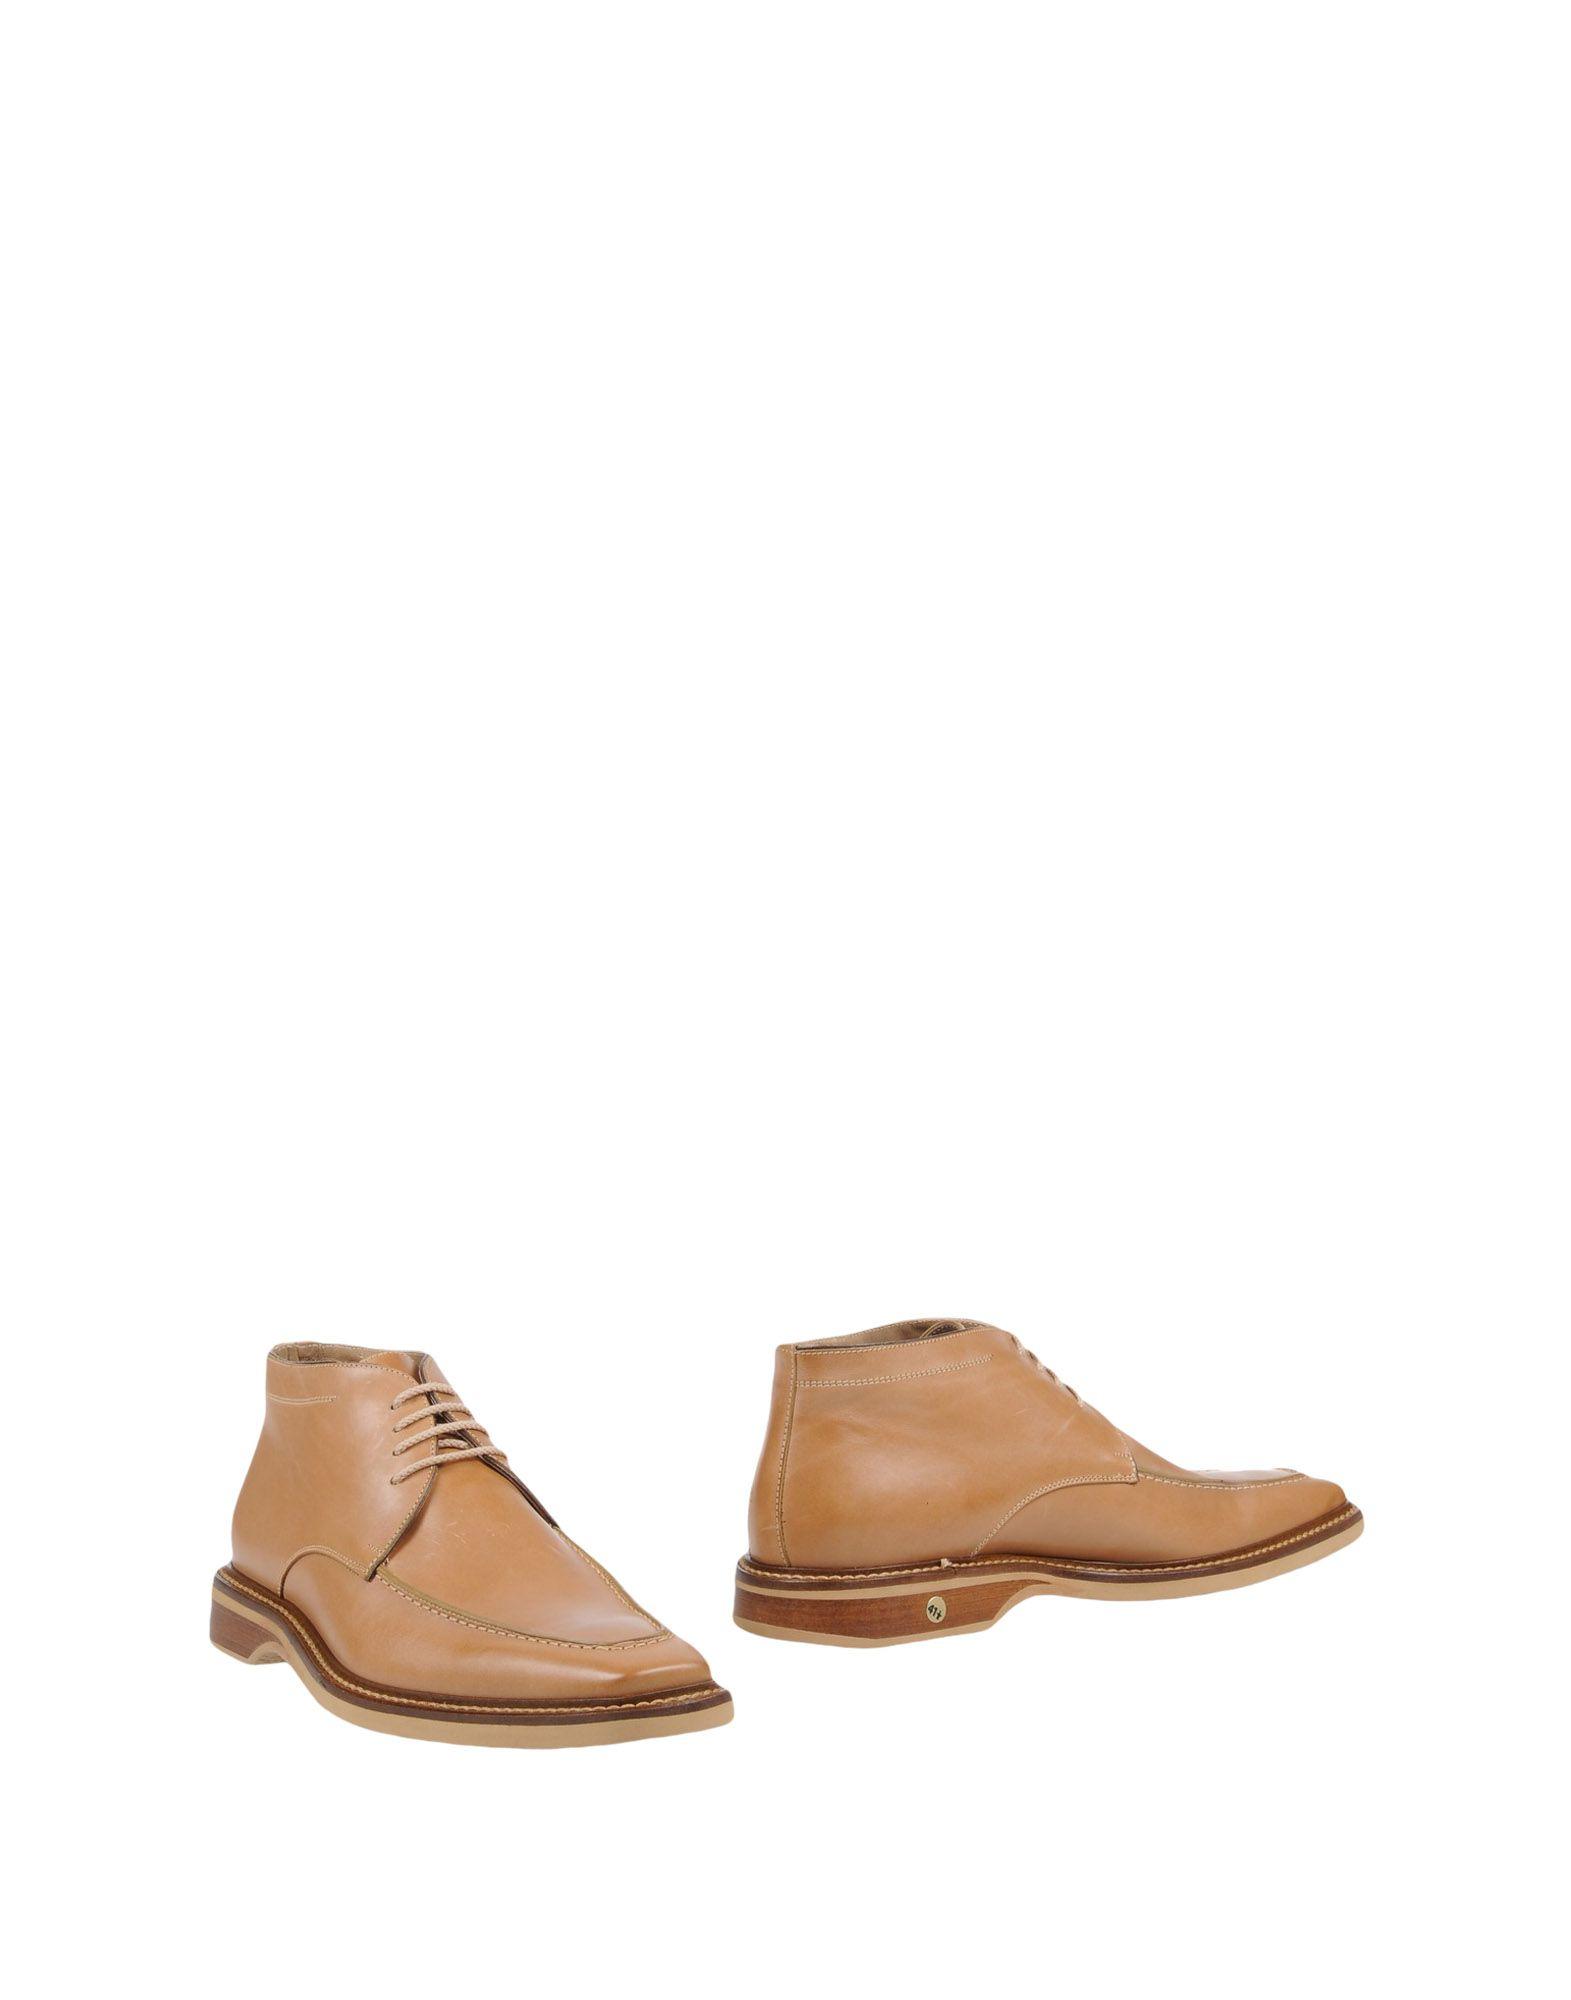 Sandali Givenchy Donna - 11490138NR Scarpe economiche e buone